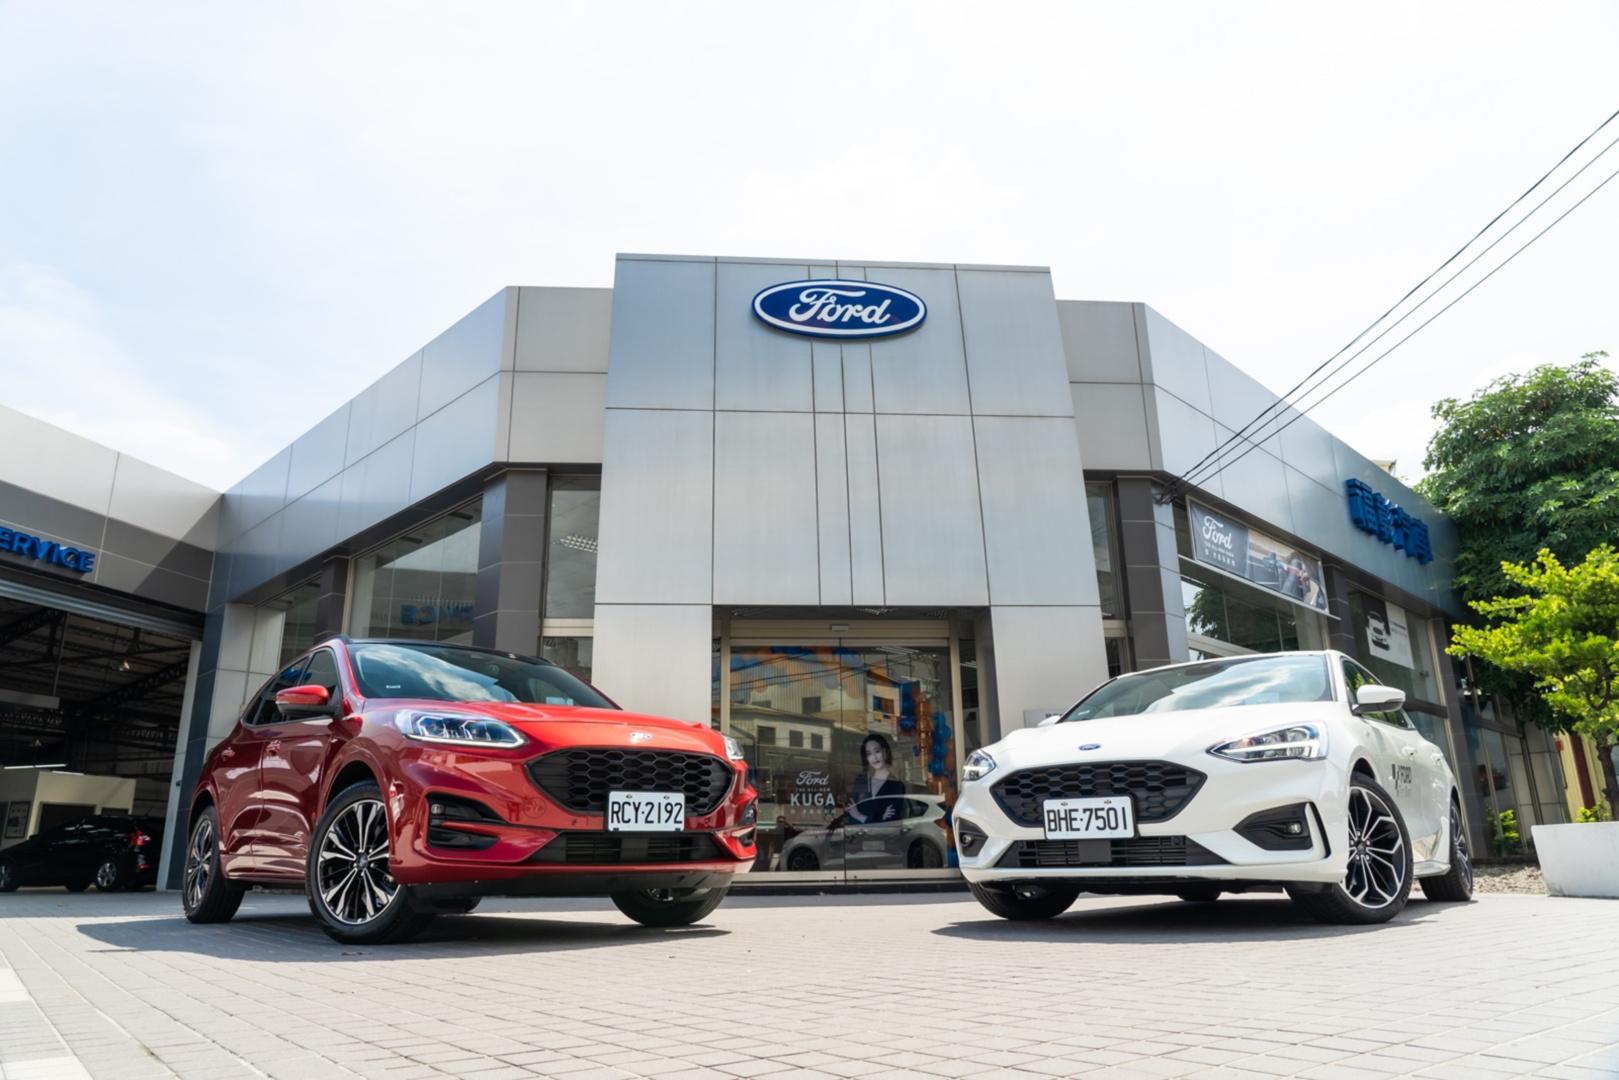 SMALL_【圖四】位於中台灣的Ford福彰汽車員林據點展現全新風貌